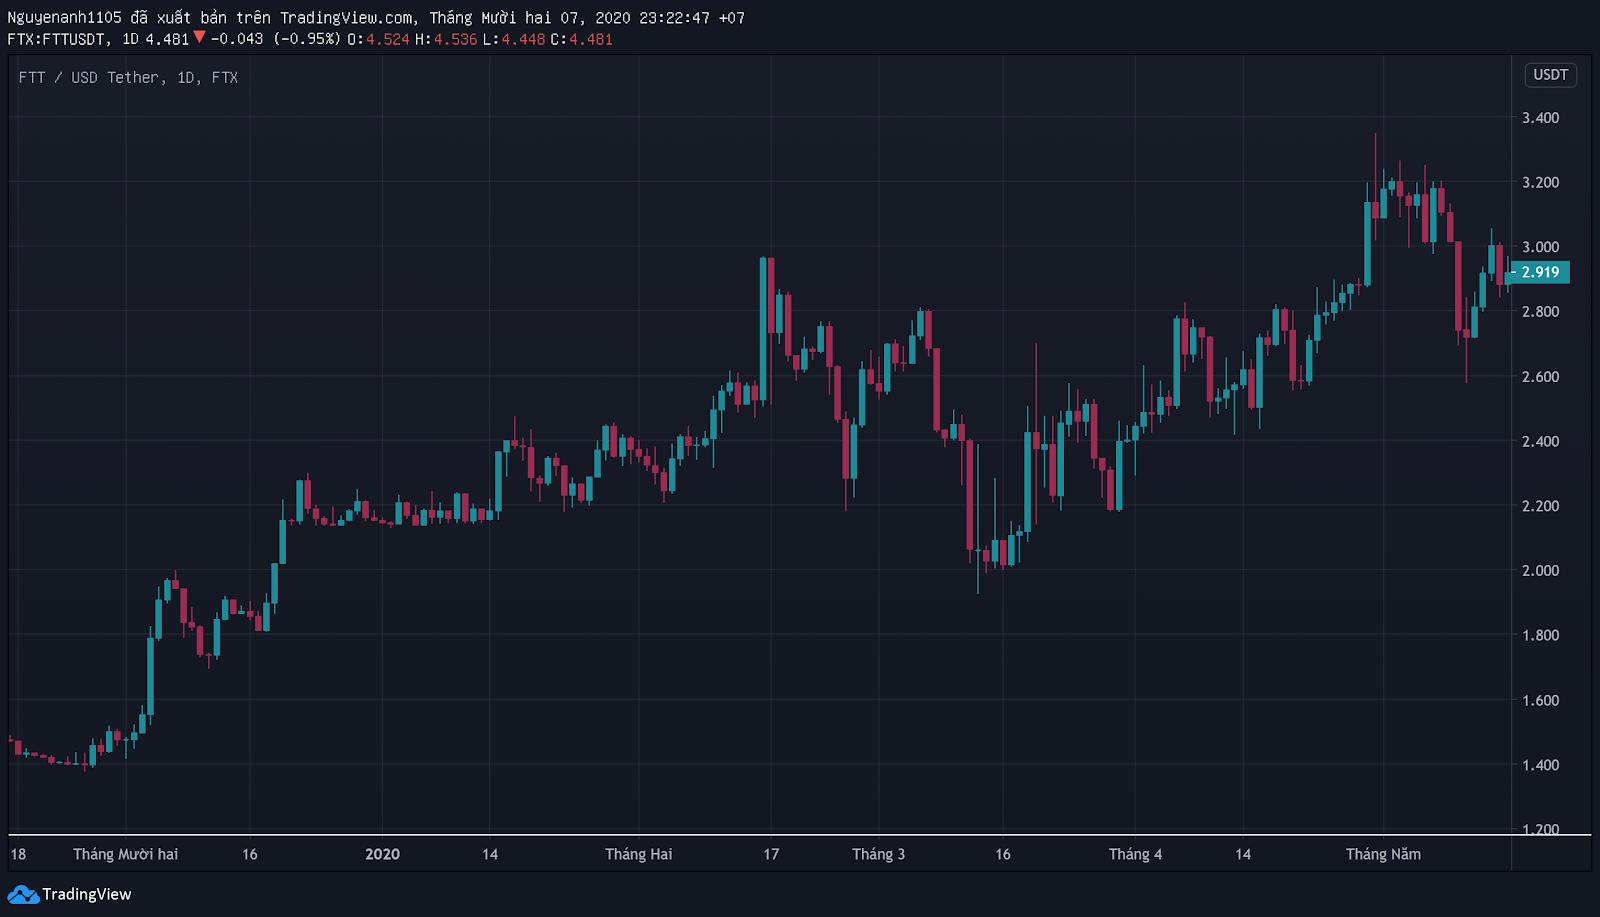 FTT/USDT trong thị trường Bearish